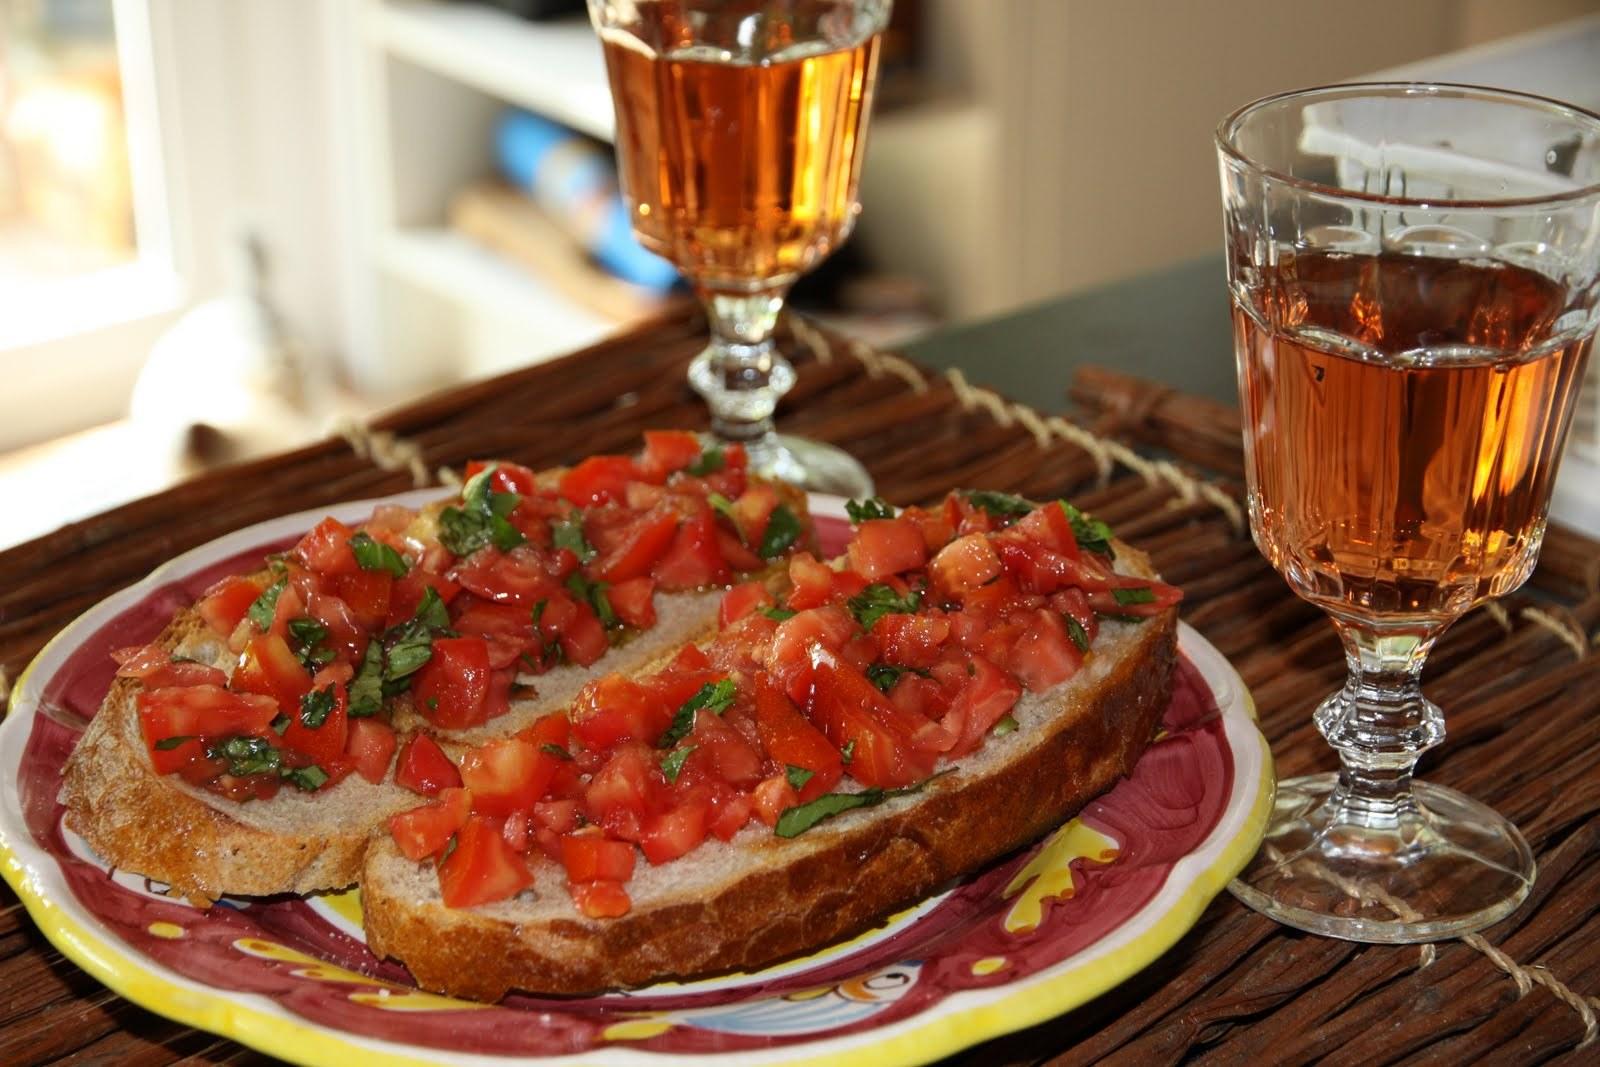 Що приготувати на вихідні? 3 рецепти для італійського вікенду